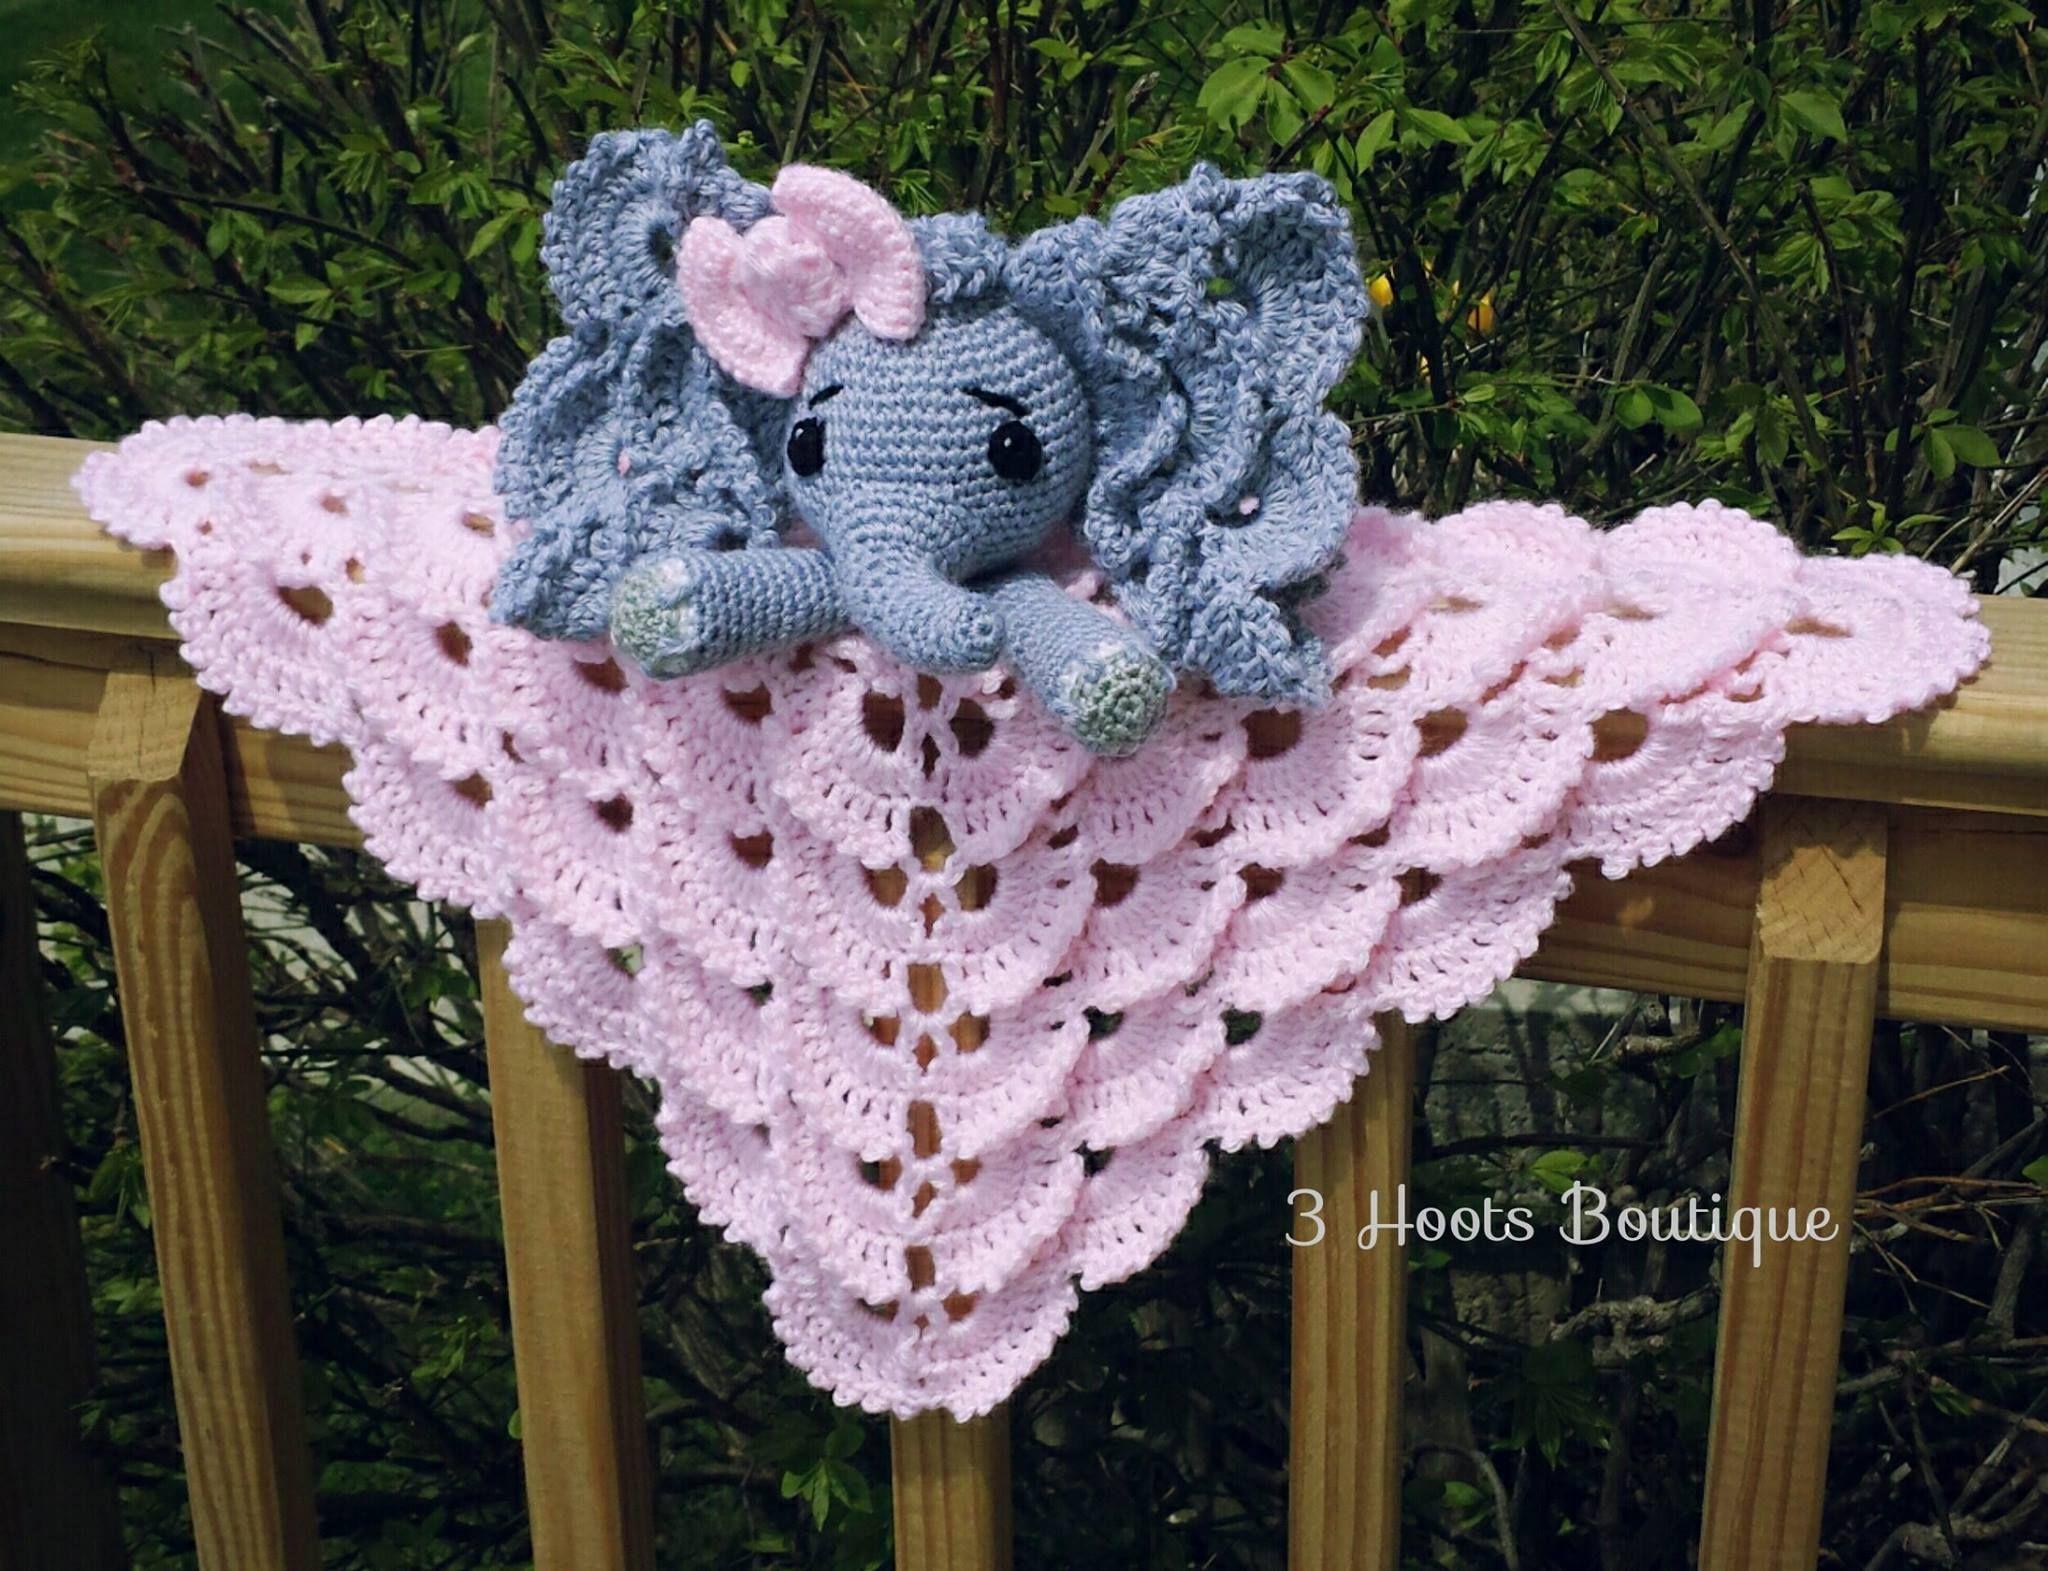 Pin von LilyMay Hutton auf Yarn and Needles   Pinterest   Schnuffeltuch